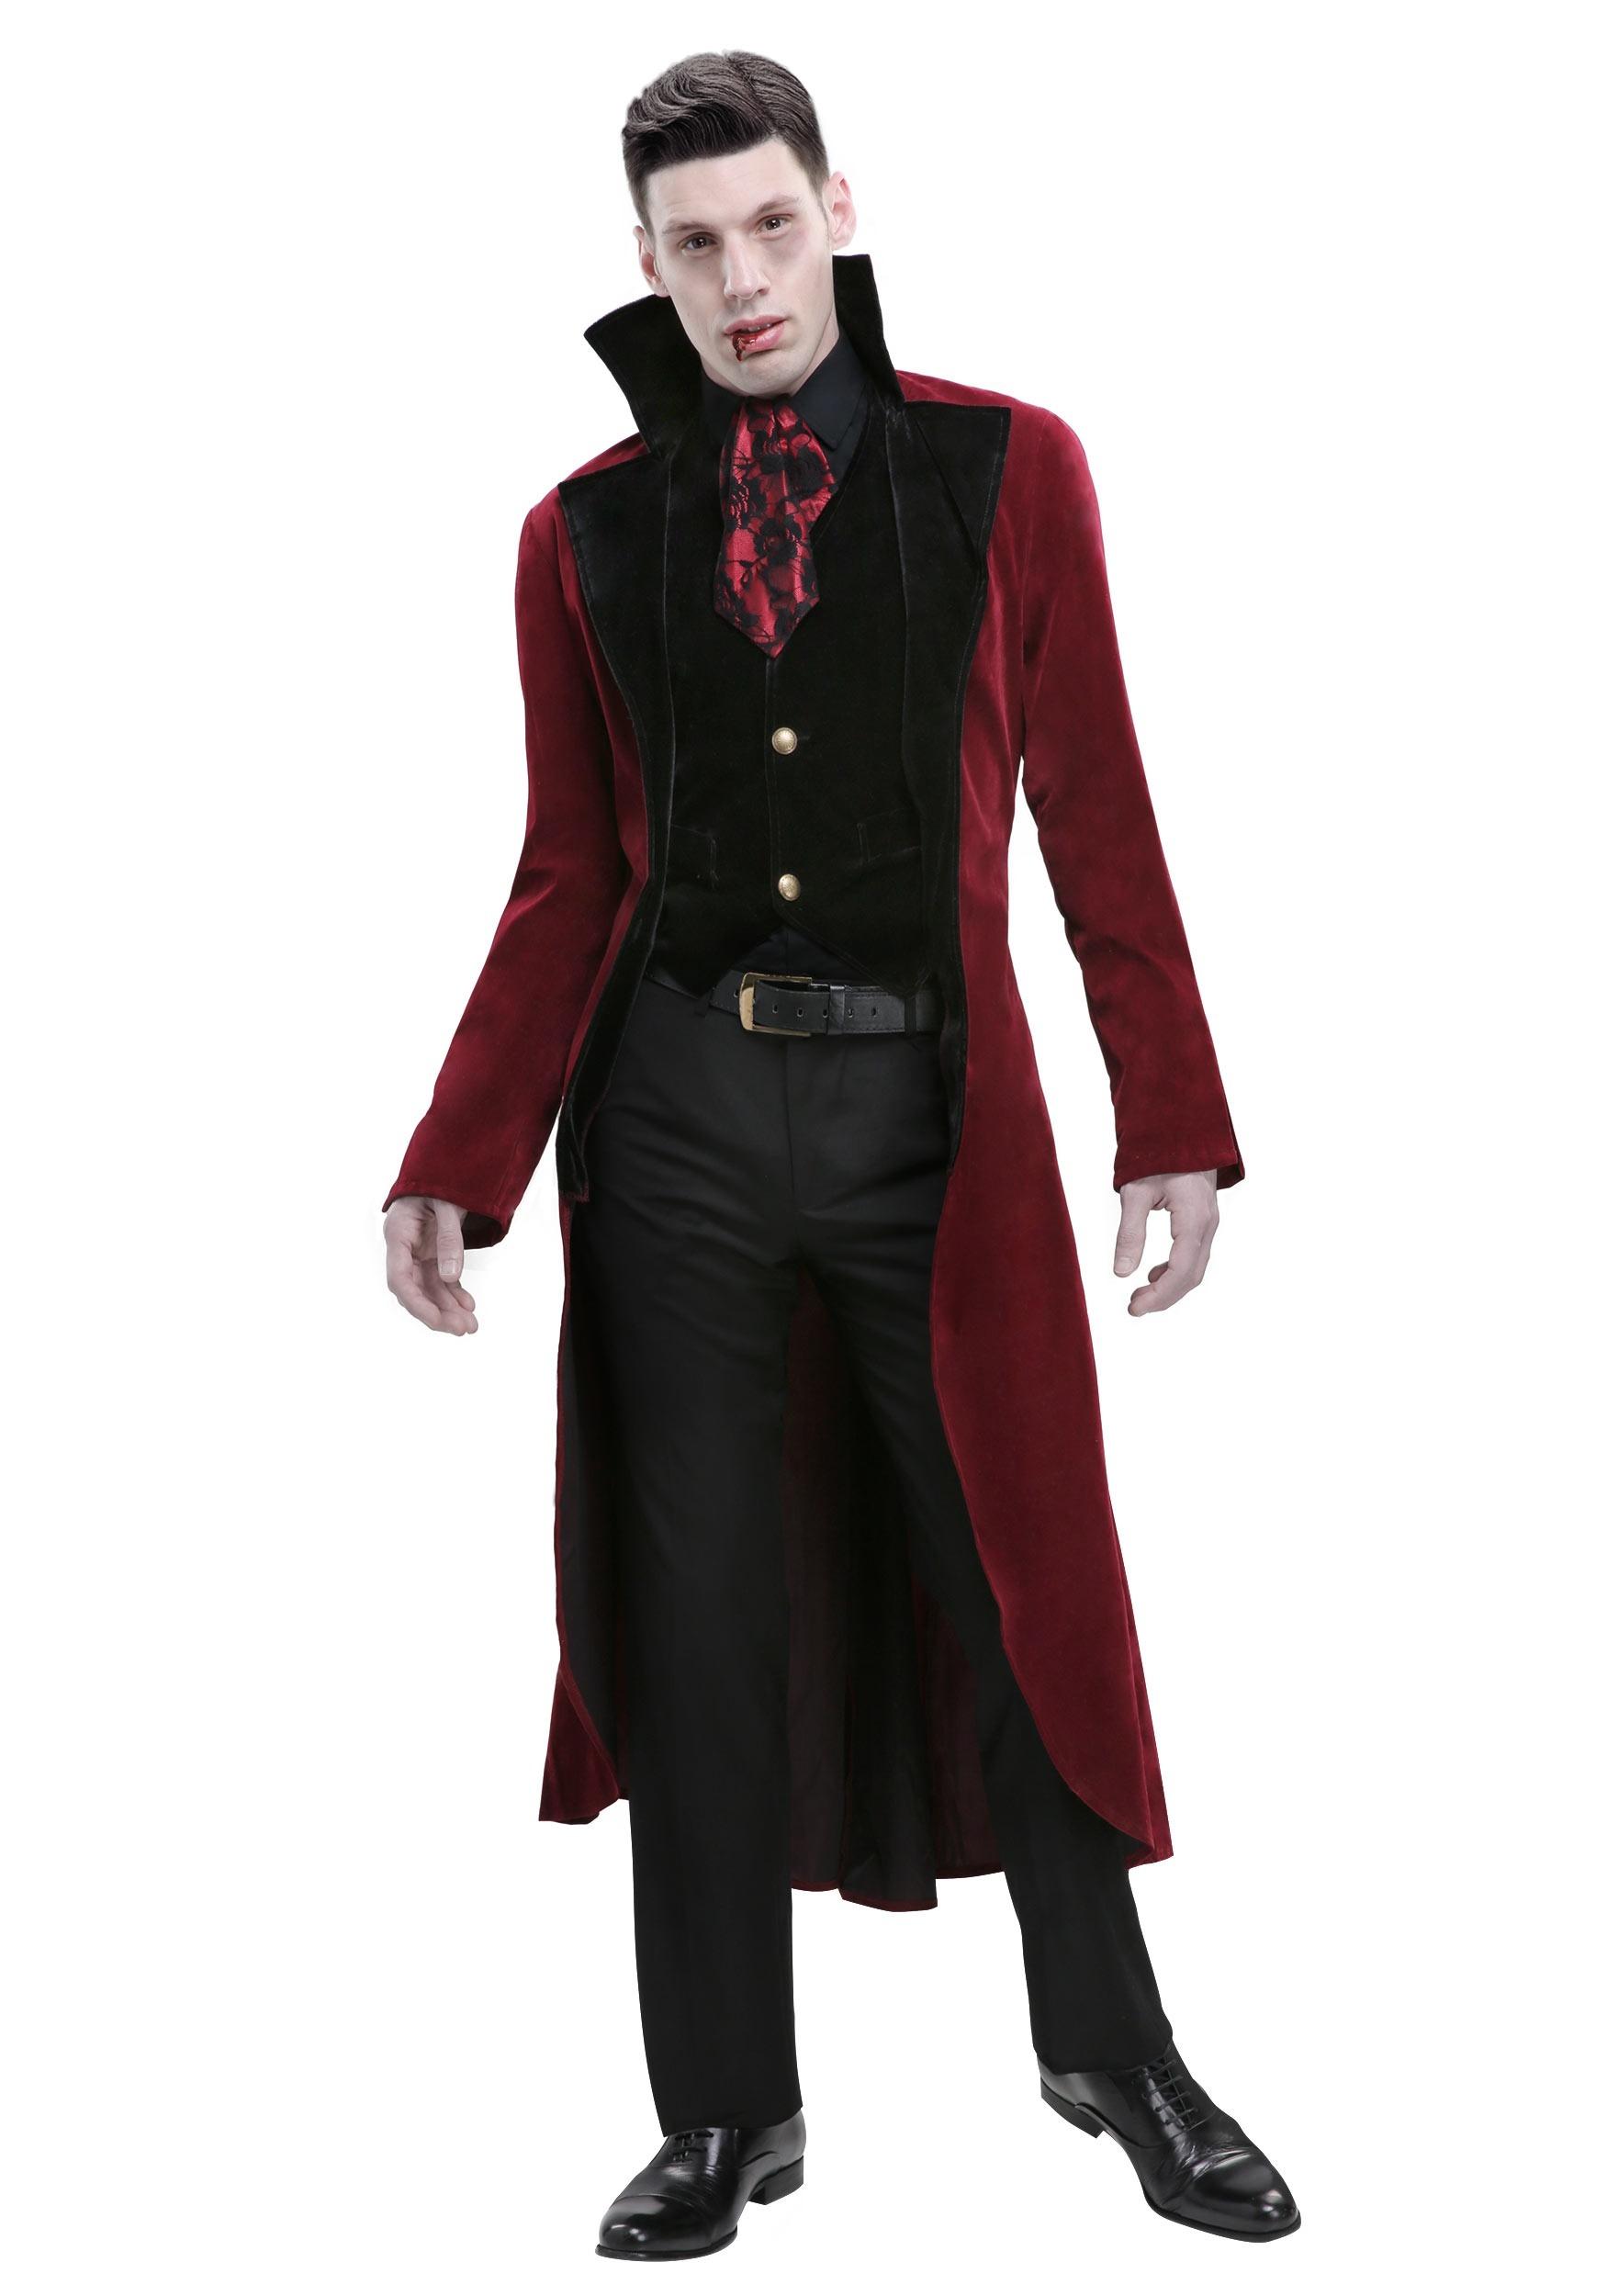 Sexy Male Vampire Costume : vampire, costume, Men's, Dreadful, Vampire, Costume